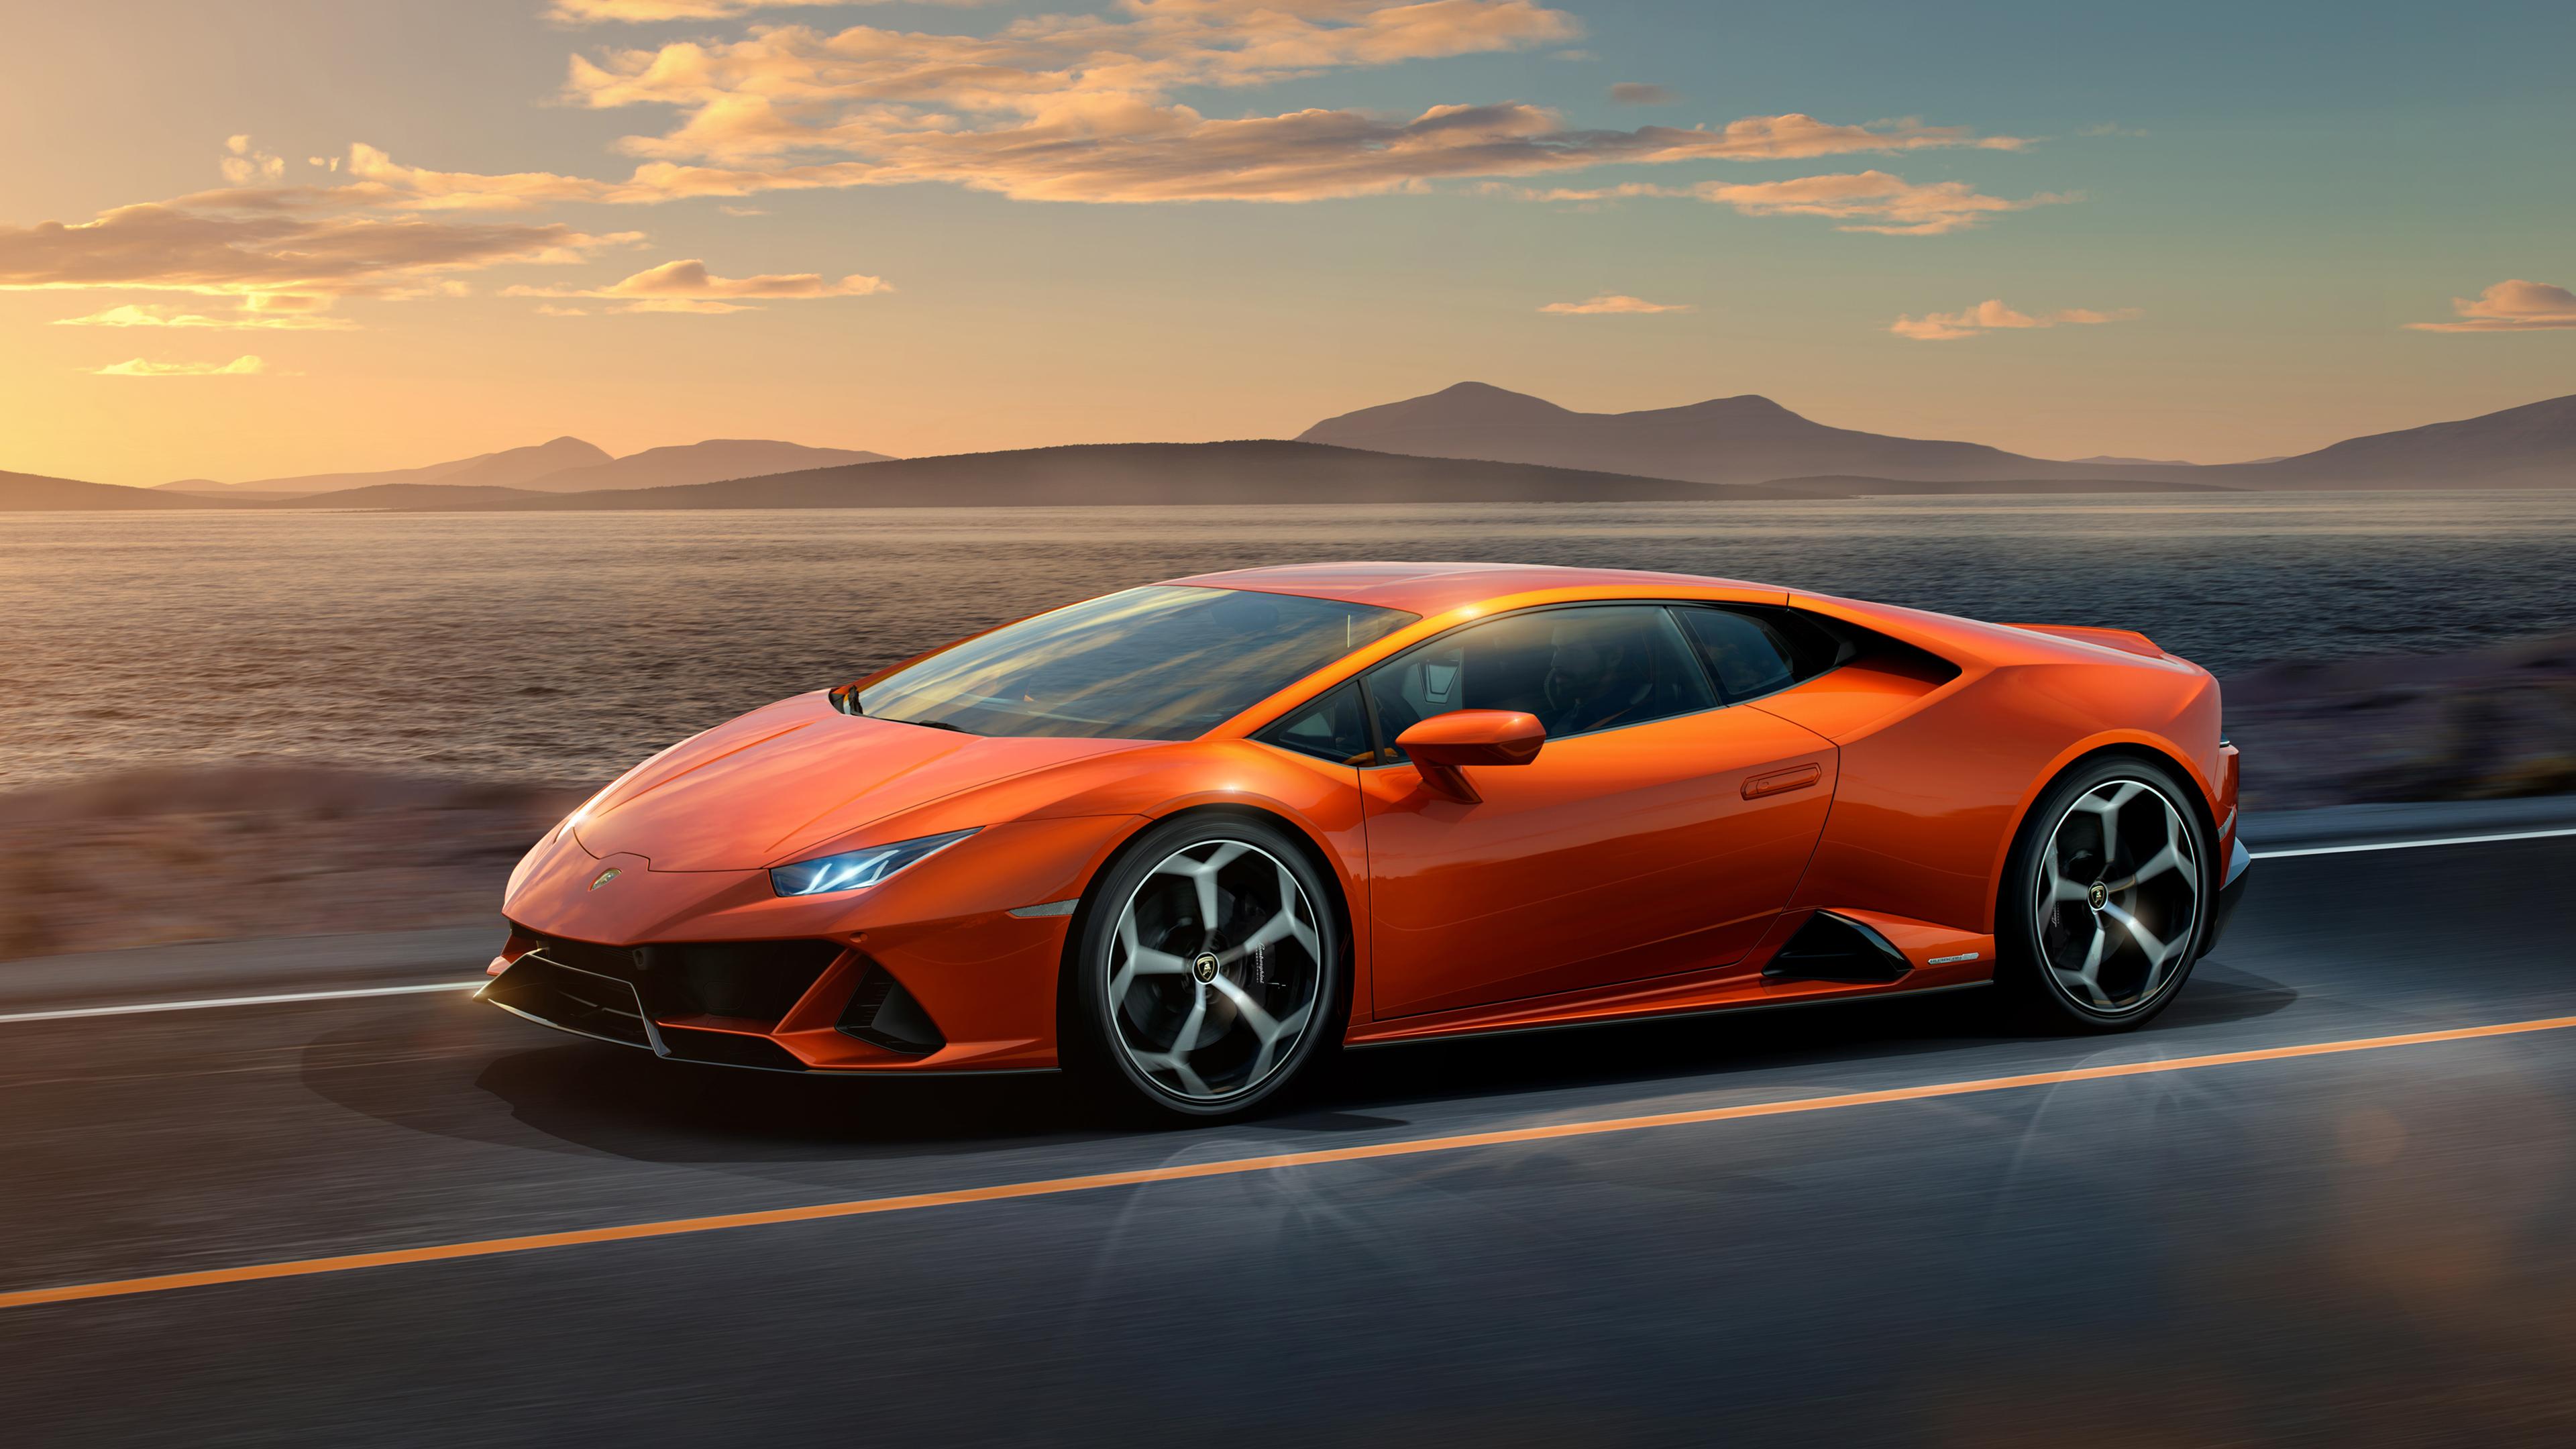 Lamborghini Huracan Evo 2019 4k Wallpaper Hd Car